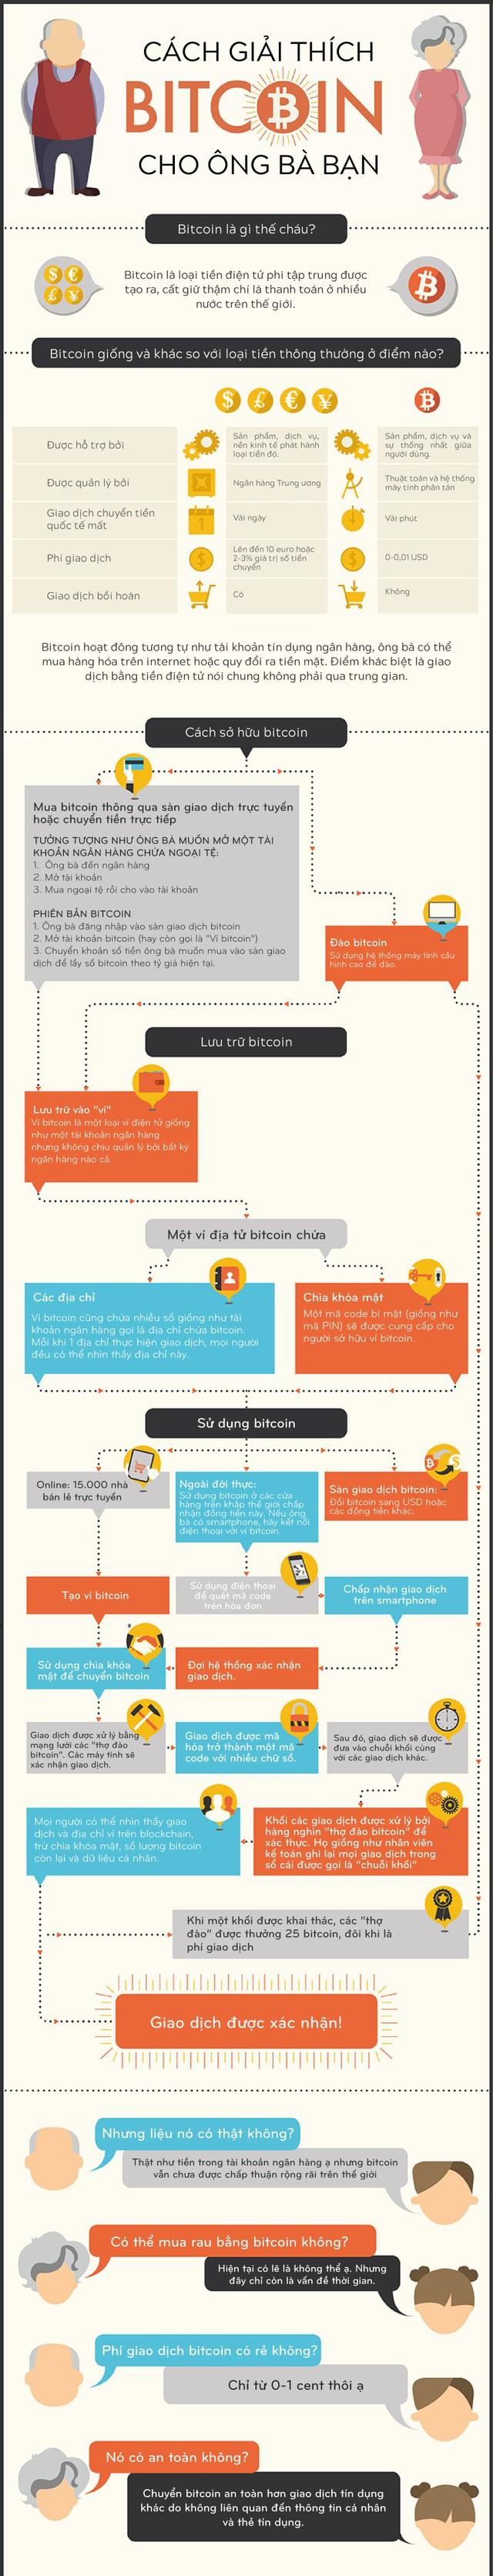 [Infographic] Cách giải thích bitcoin mà ông bà bạn cũng có thể hiểu - Ảnh 1.